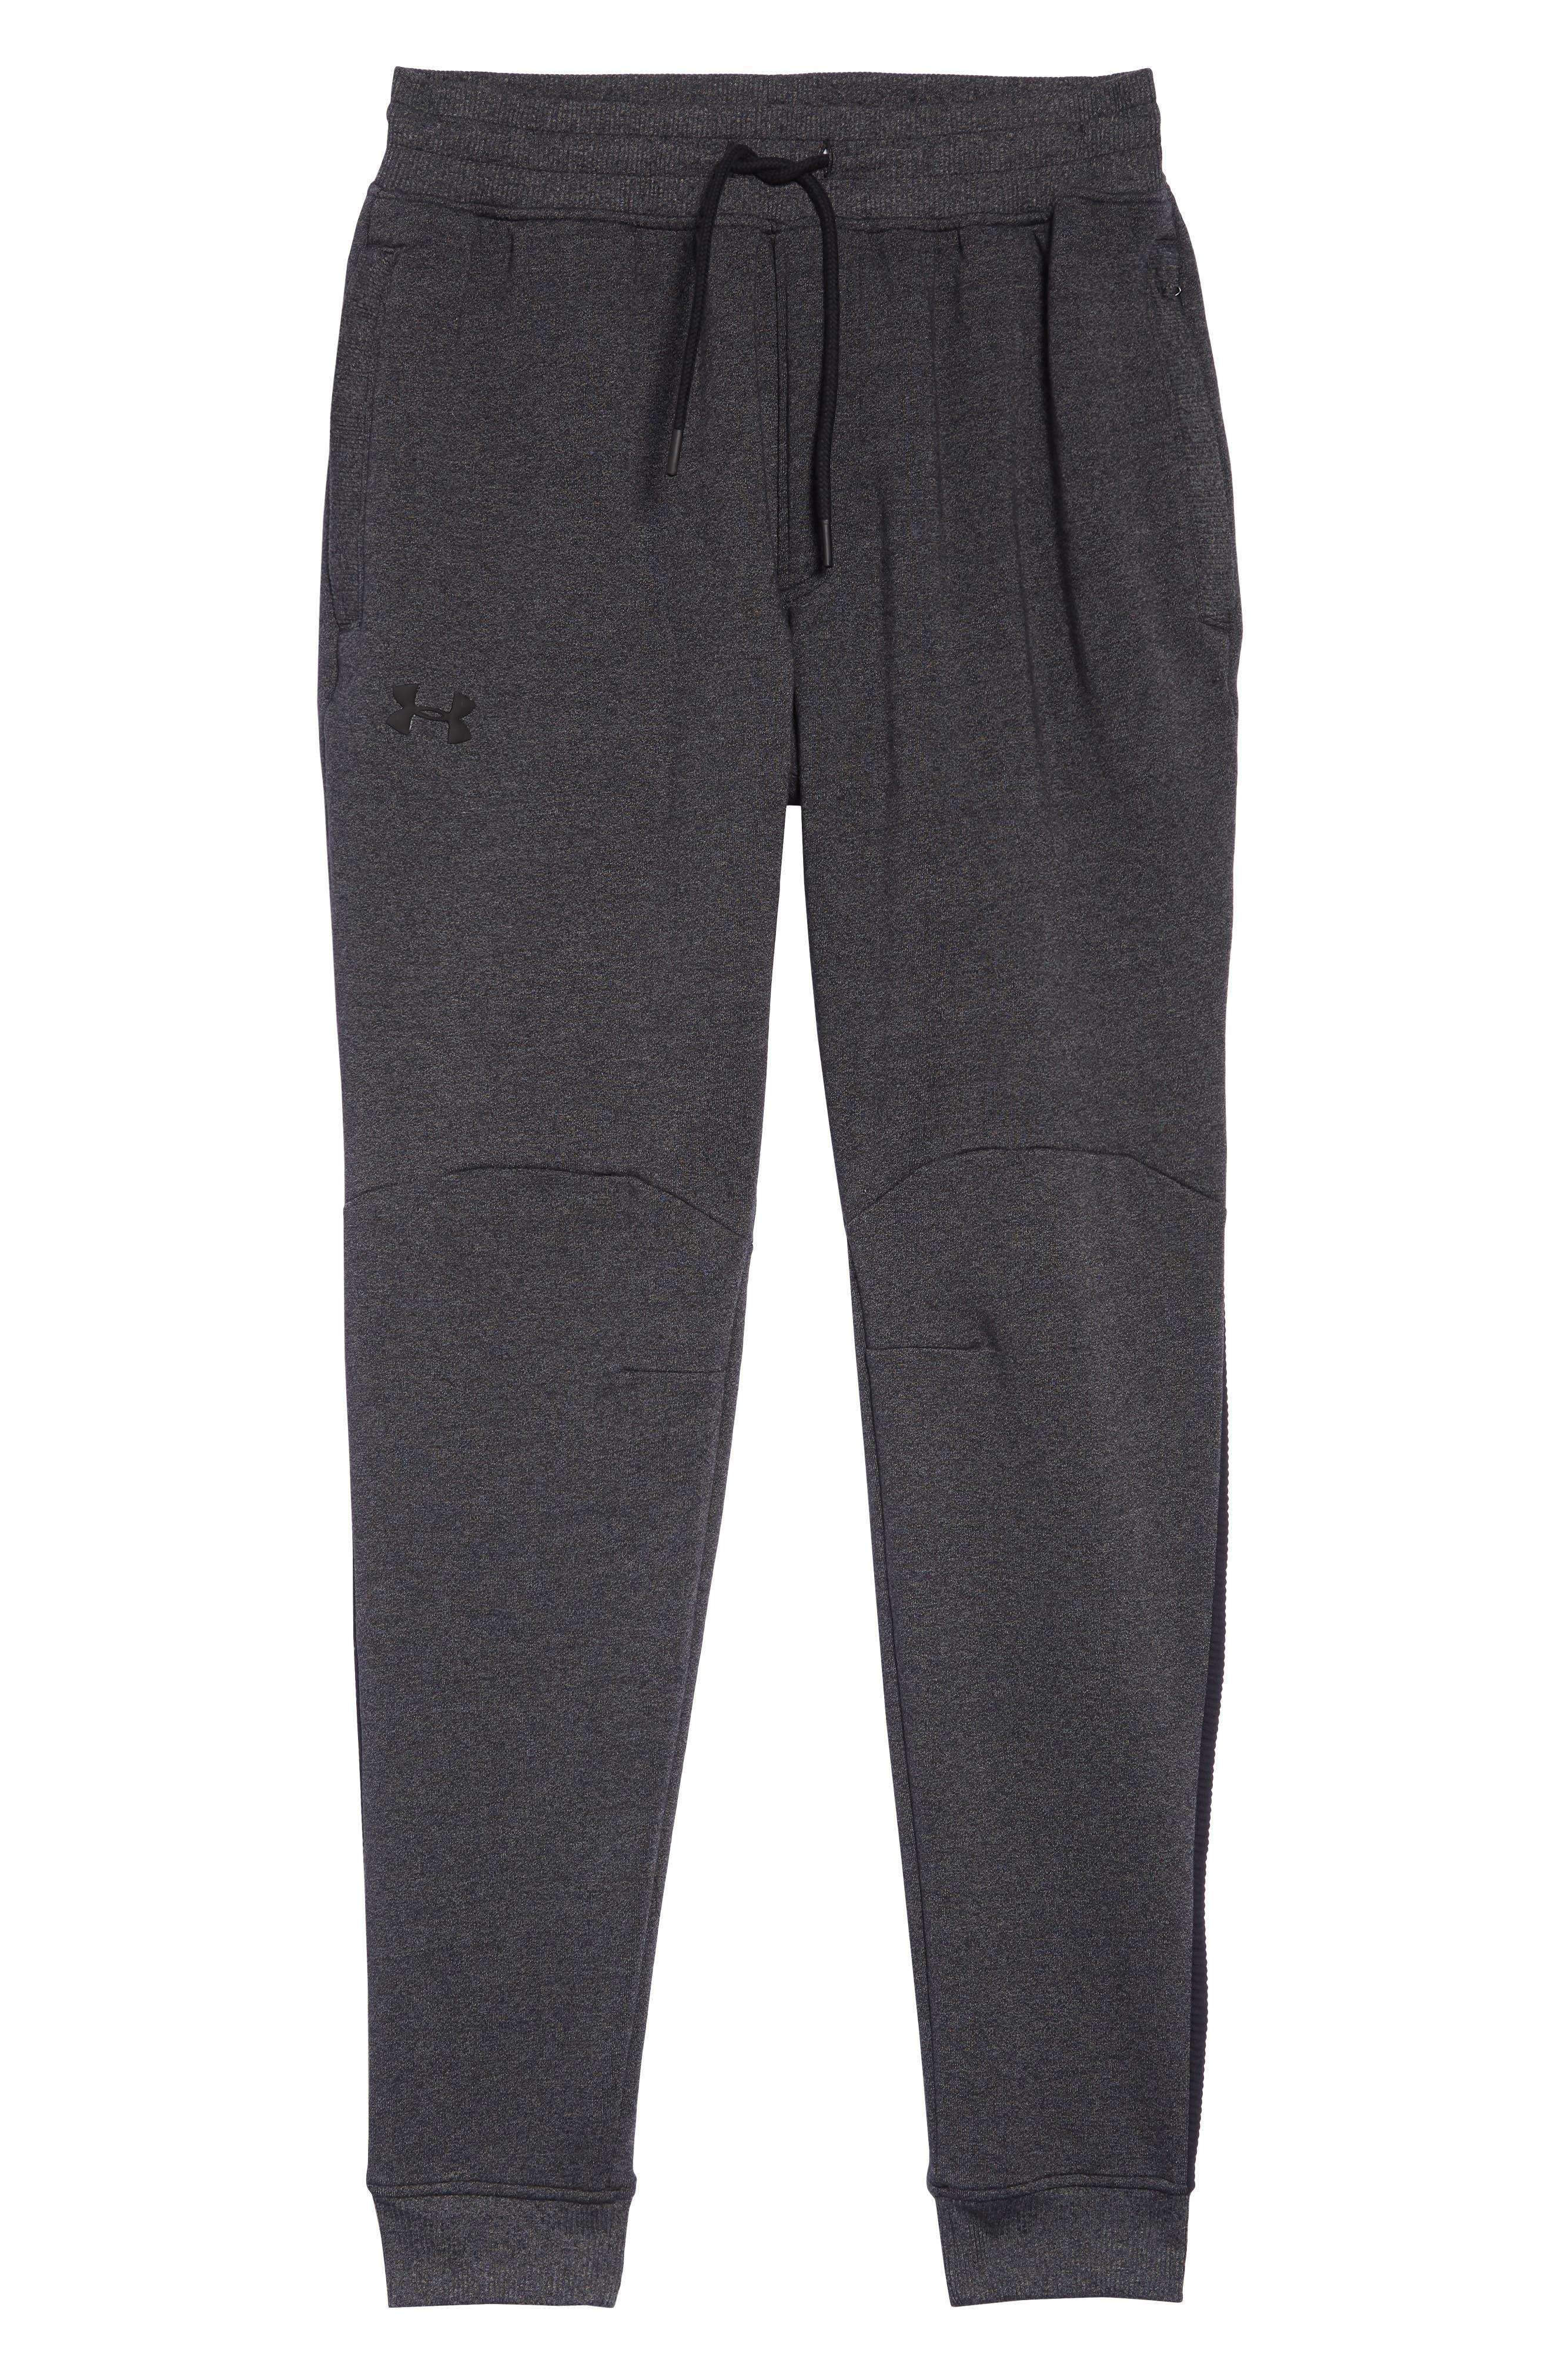 Threadborne Jogger Pants,                             Alternate thumbnail 6, color,                             BLACK/ BLACK